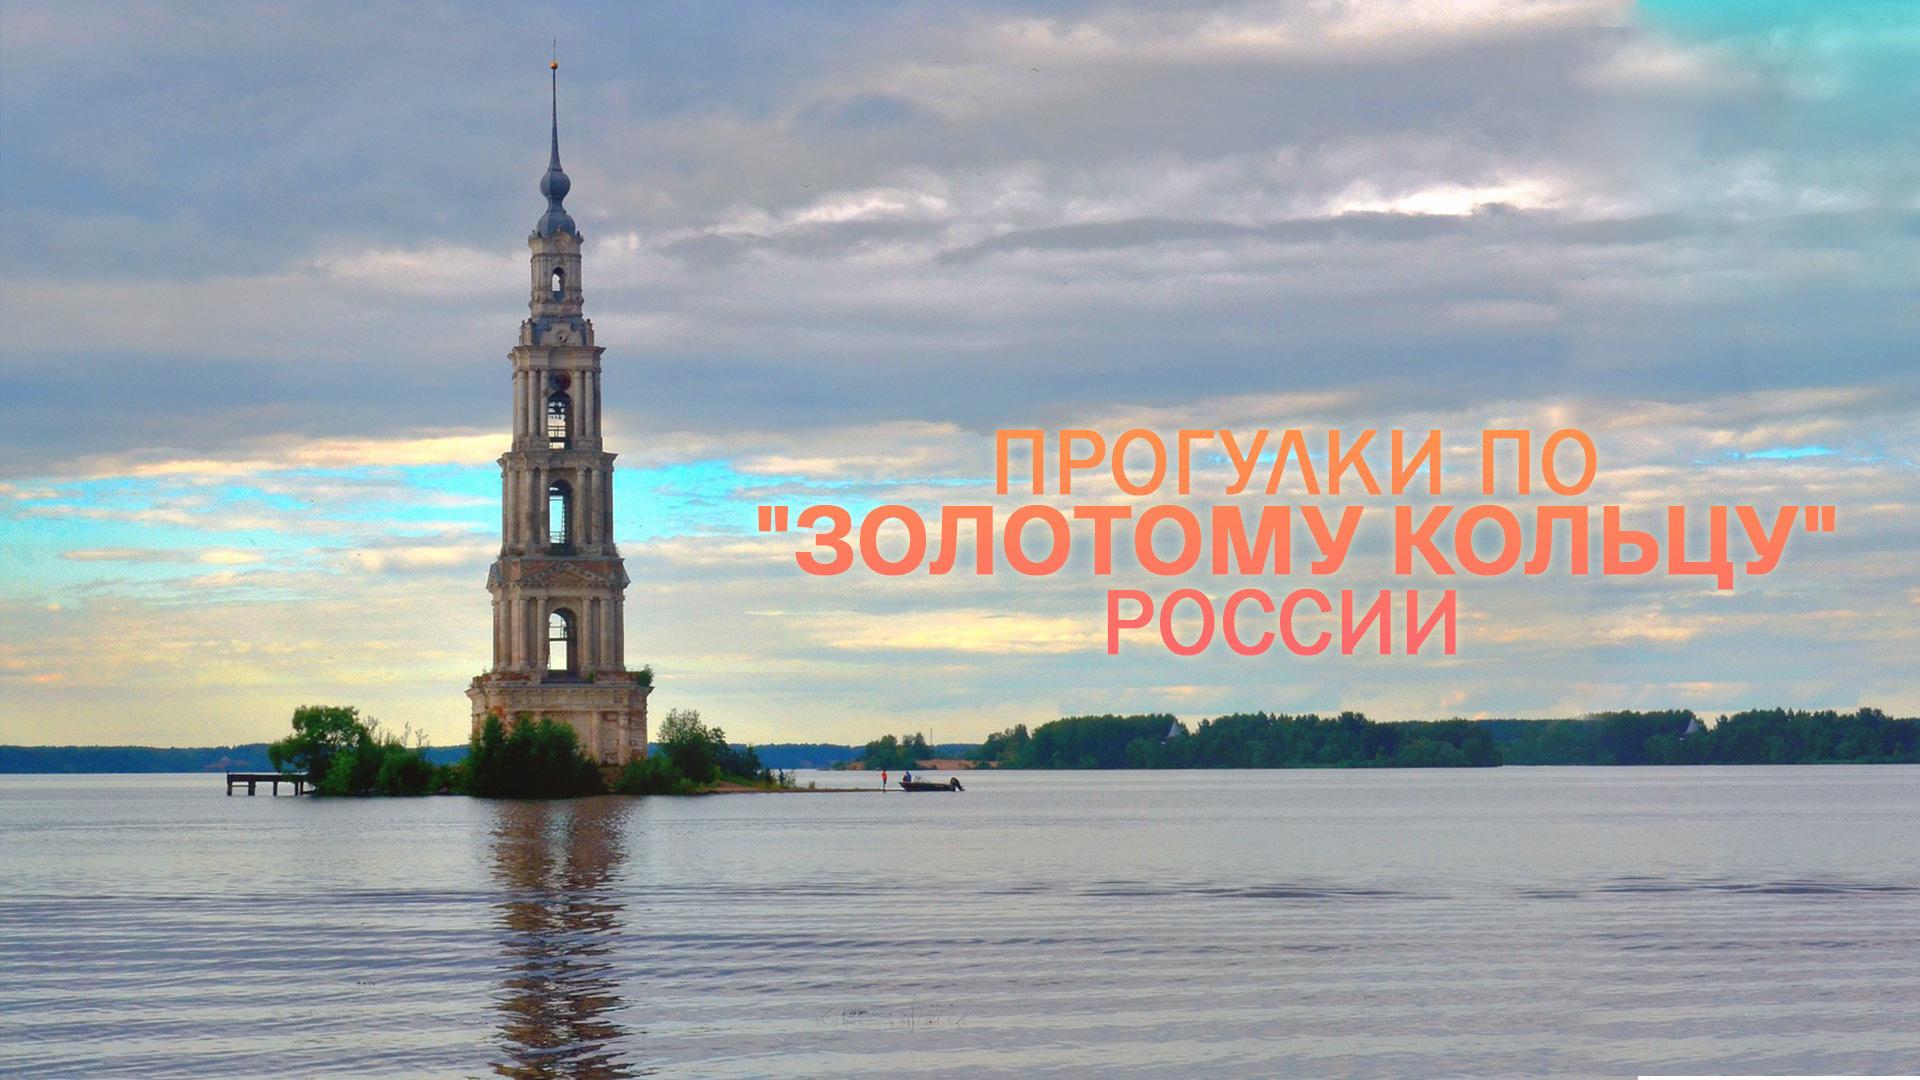 """Прогулки по """"Золотому кольцу"""" России"""